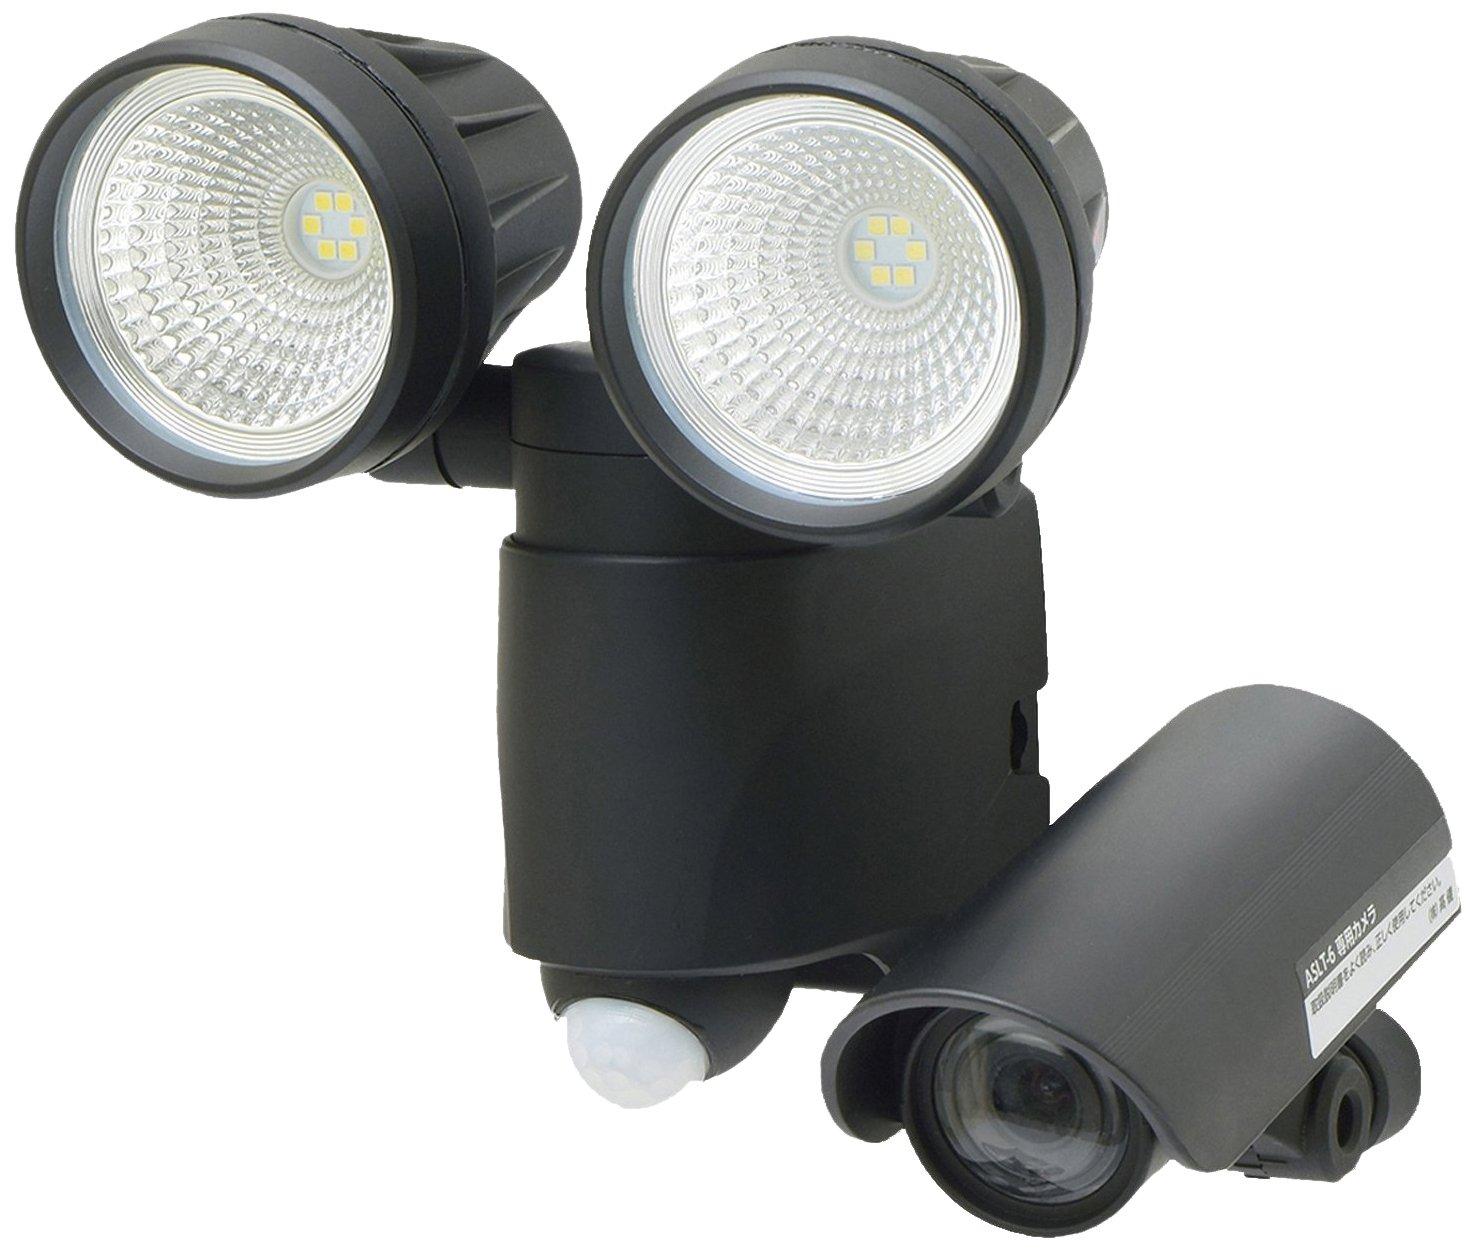 【Amazon.co.jp限定】高儀 LEDセンサーライト ダブル 6W×2 ブラック 録画機能付 防犯用品 ASLT-6BK B018FF9M1Y  ブラック